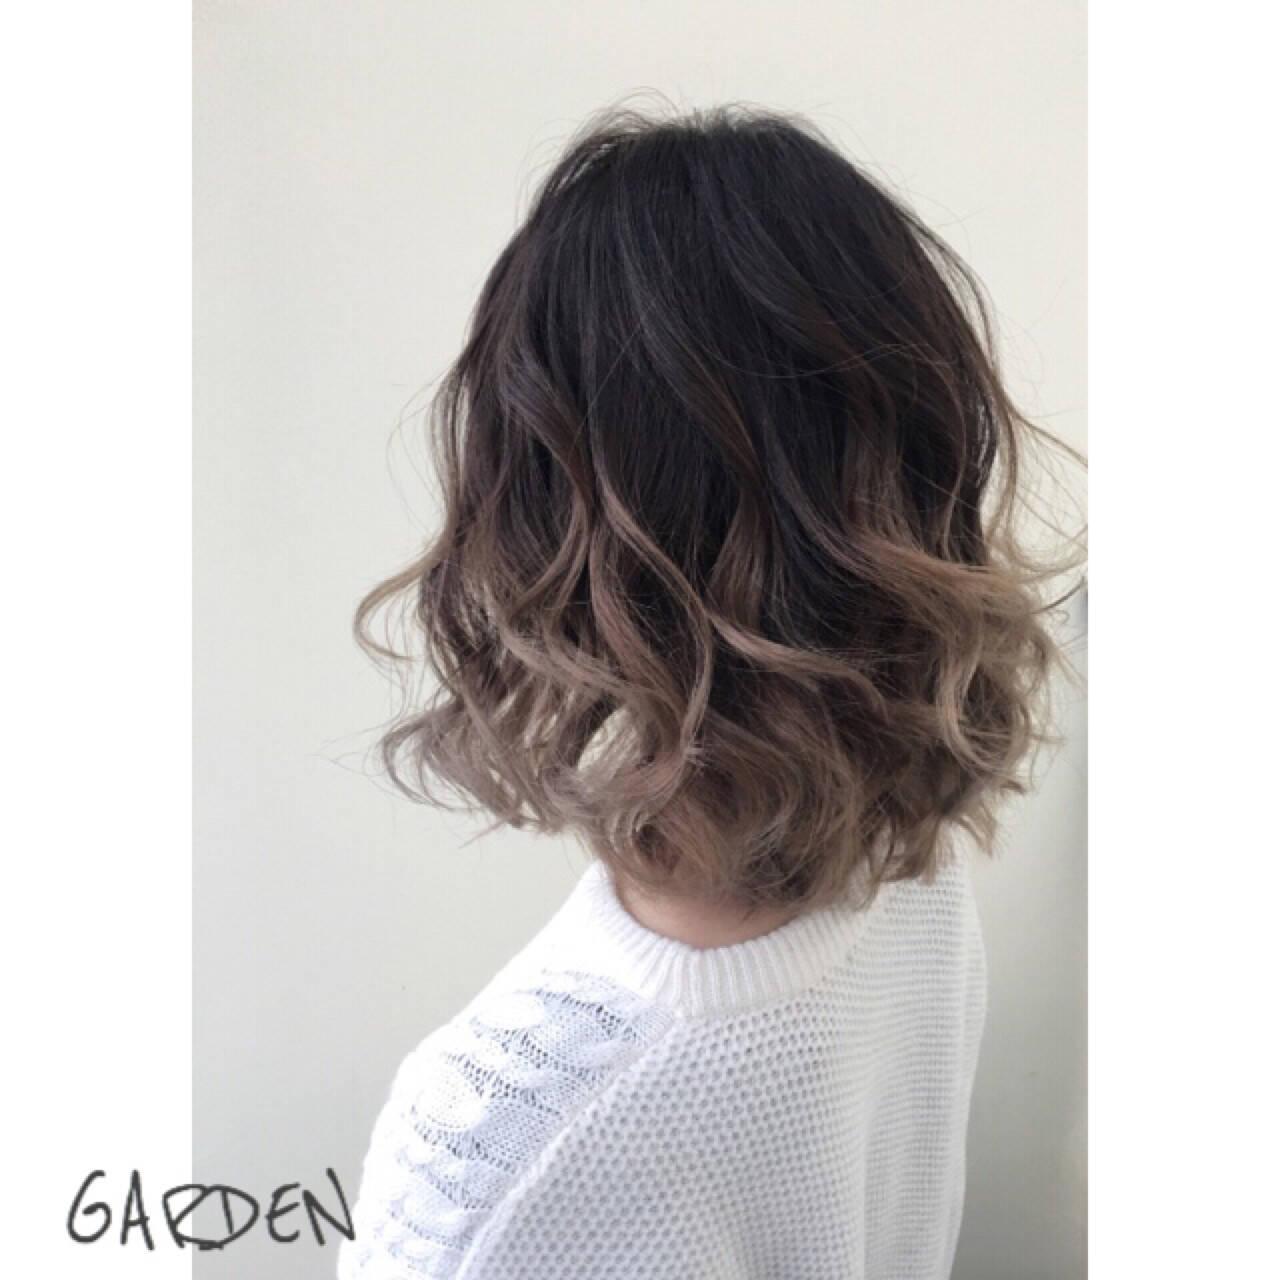 アッシュ ミディアム ハイライト グラデーションカラーヘアスタイルや髪型の写真・画像